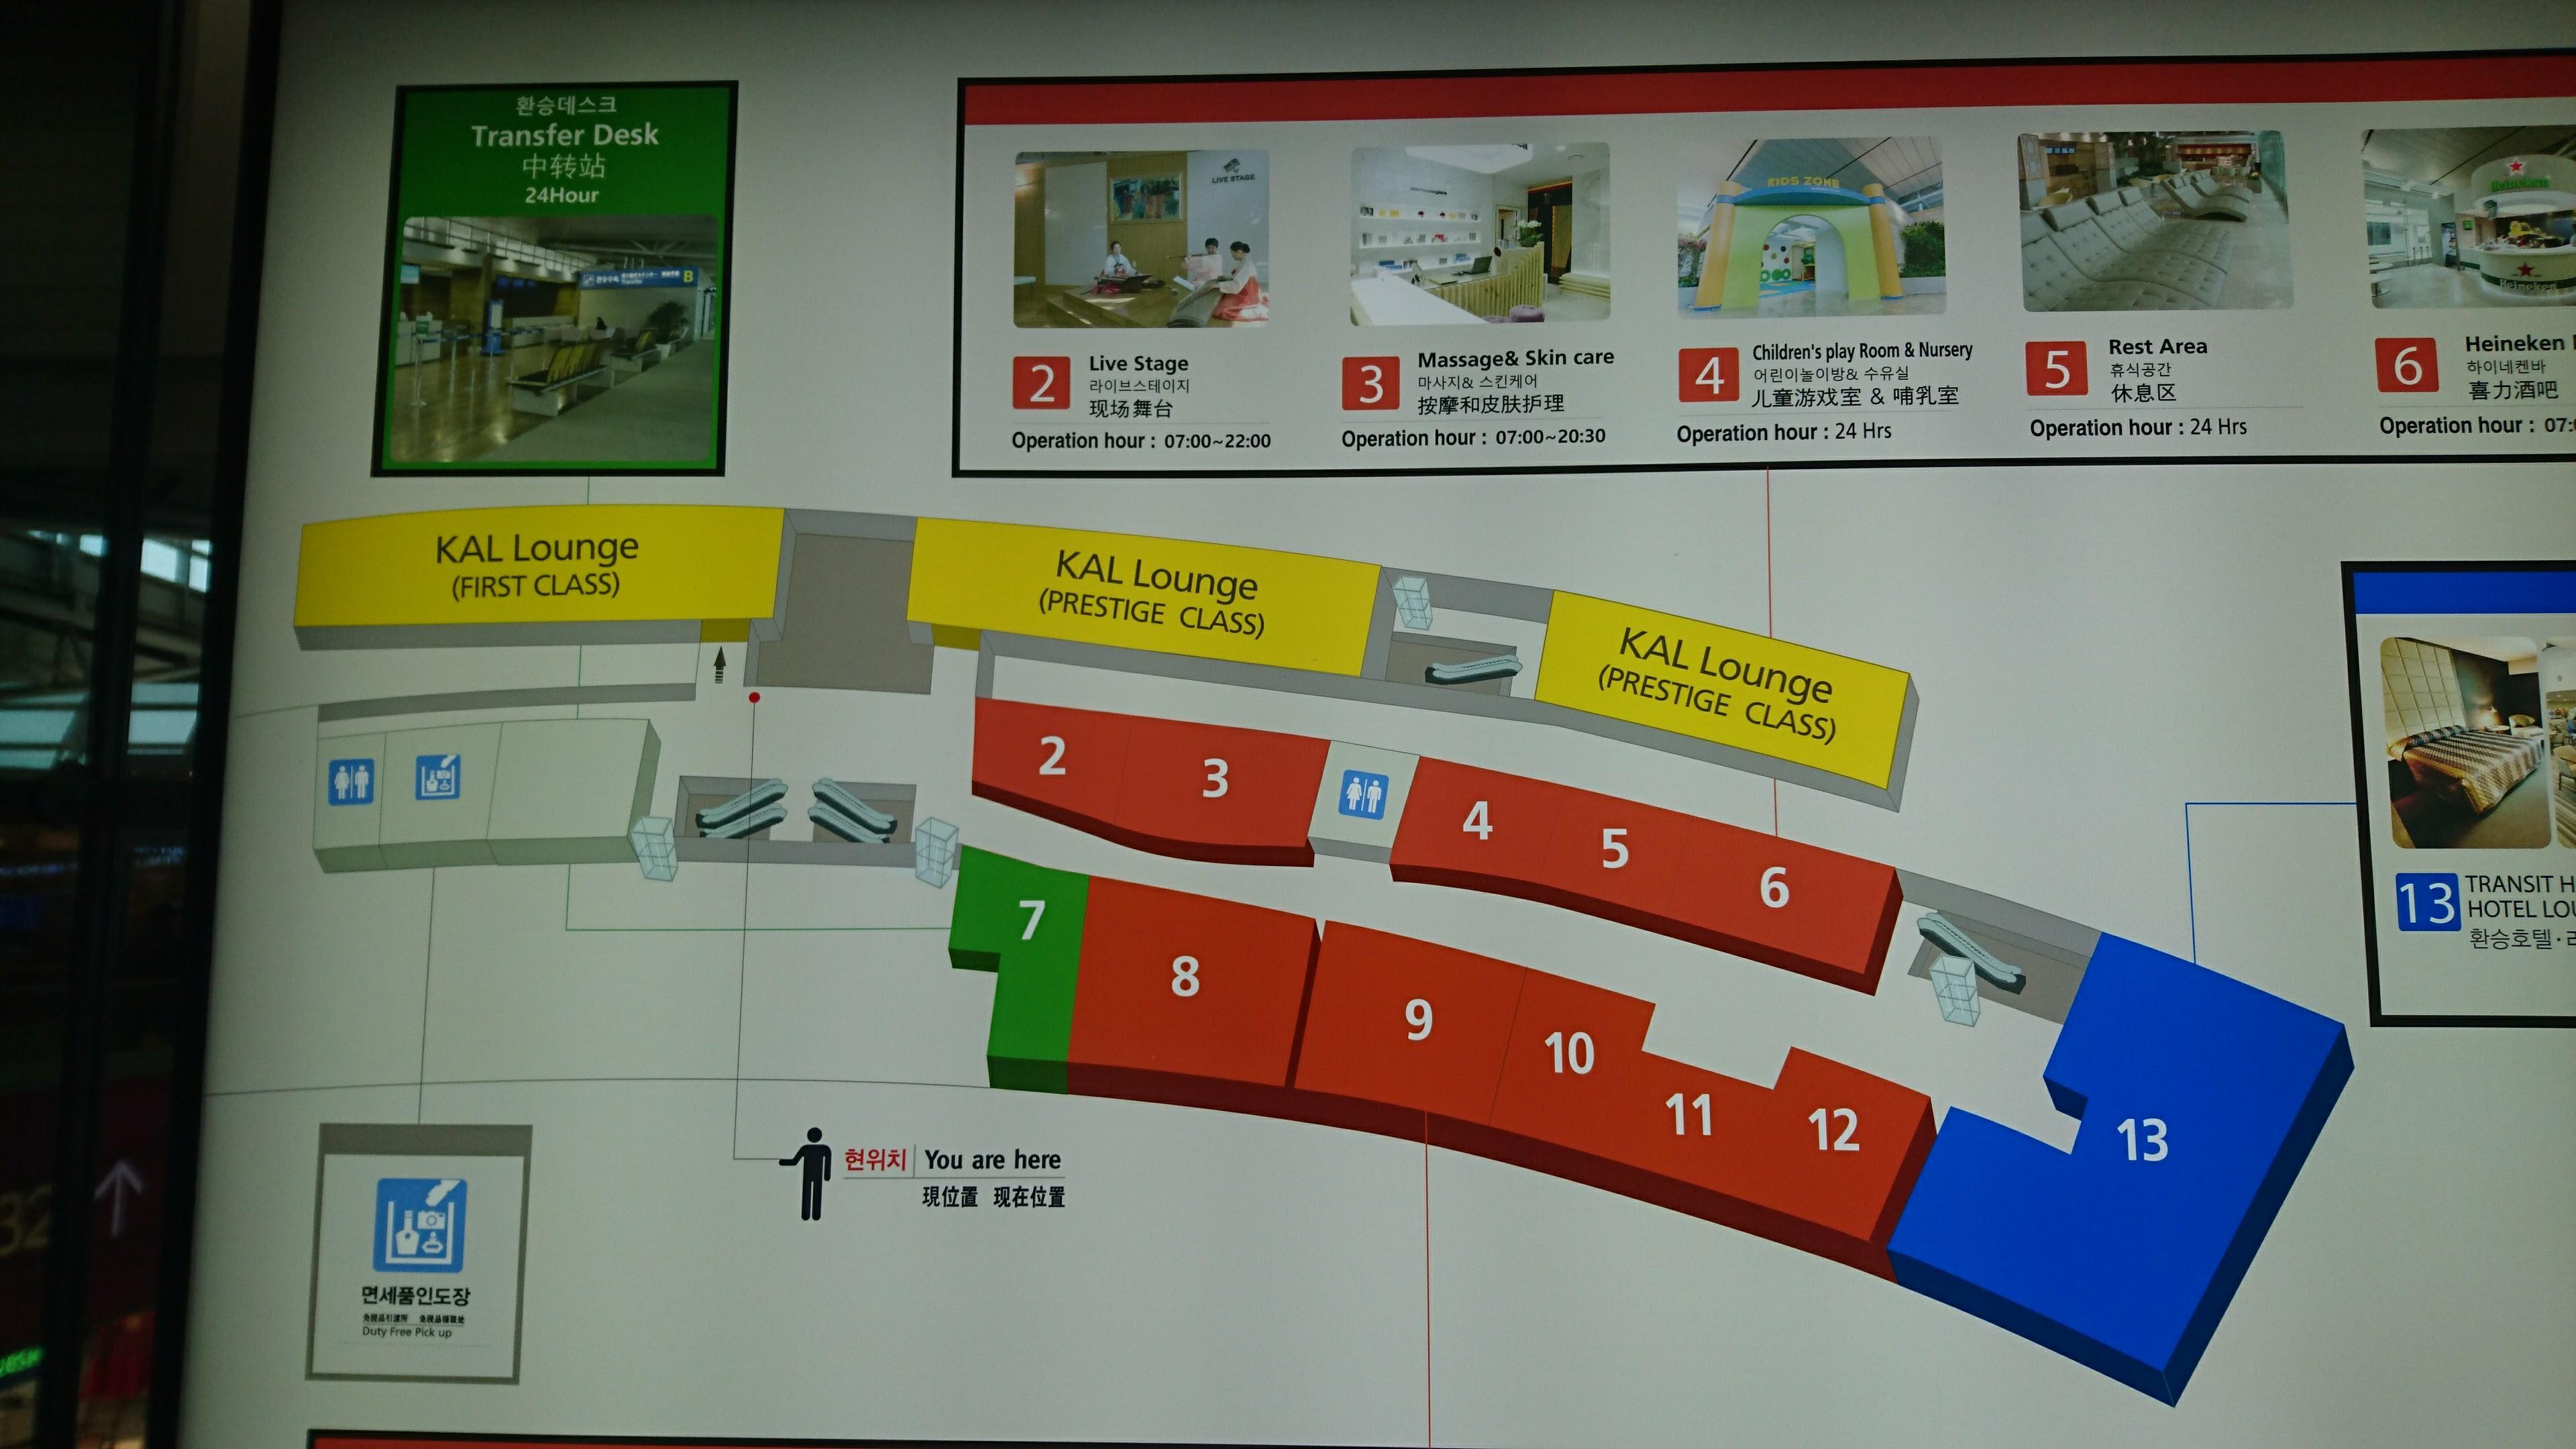 今回は、東側にある二つの大韓航空ラウンジの内、 ビジネスクラスにあたるKAL LOUNGE(PRESTIGE CLASS)をご紹介します。